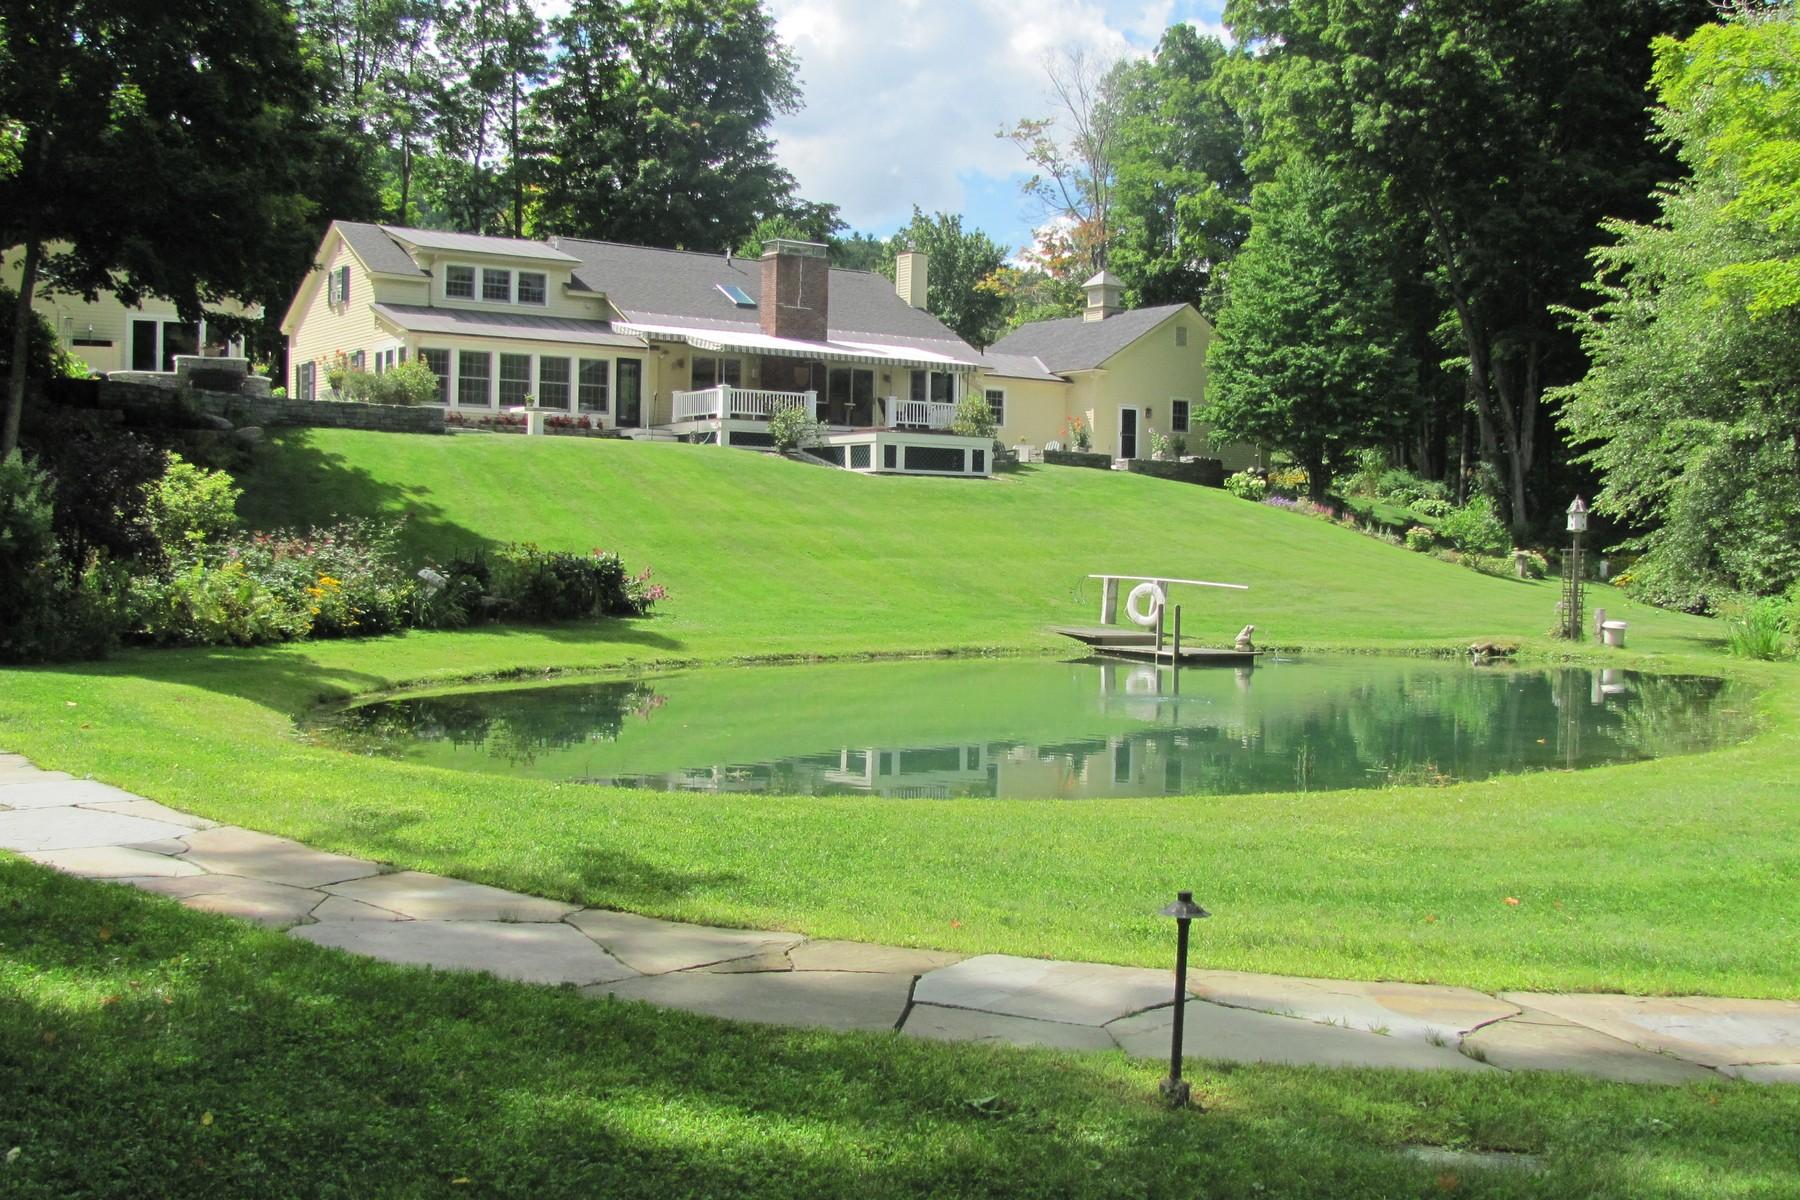 Einfamilienhaus für Verkauf beim Dorset Hollow Cape- Mettowee River Frontage 291 Lower Hollow Rd Dorset, Vermont, 05251 Vereinigte Staaten